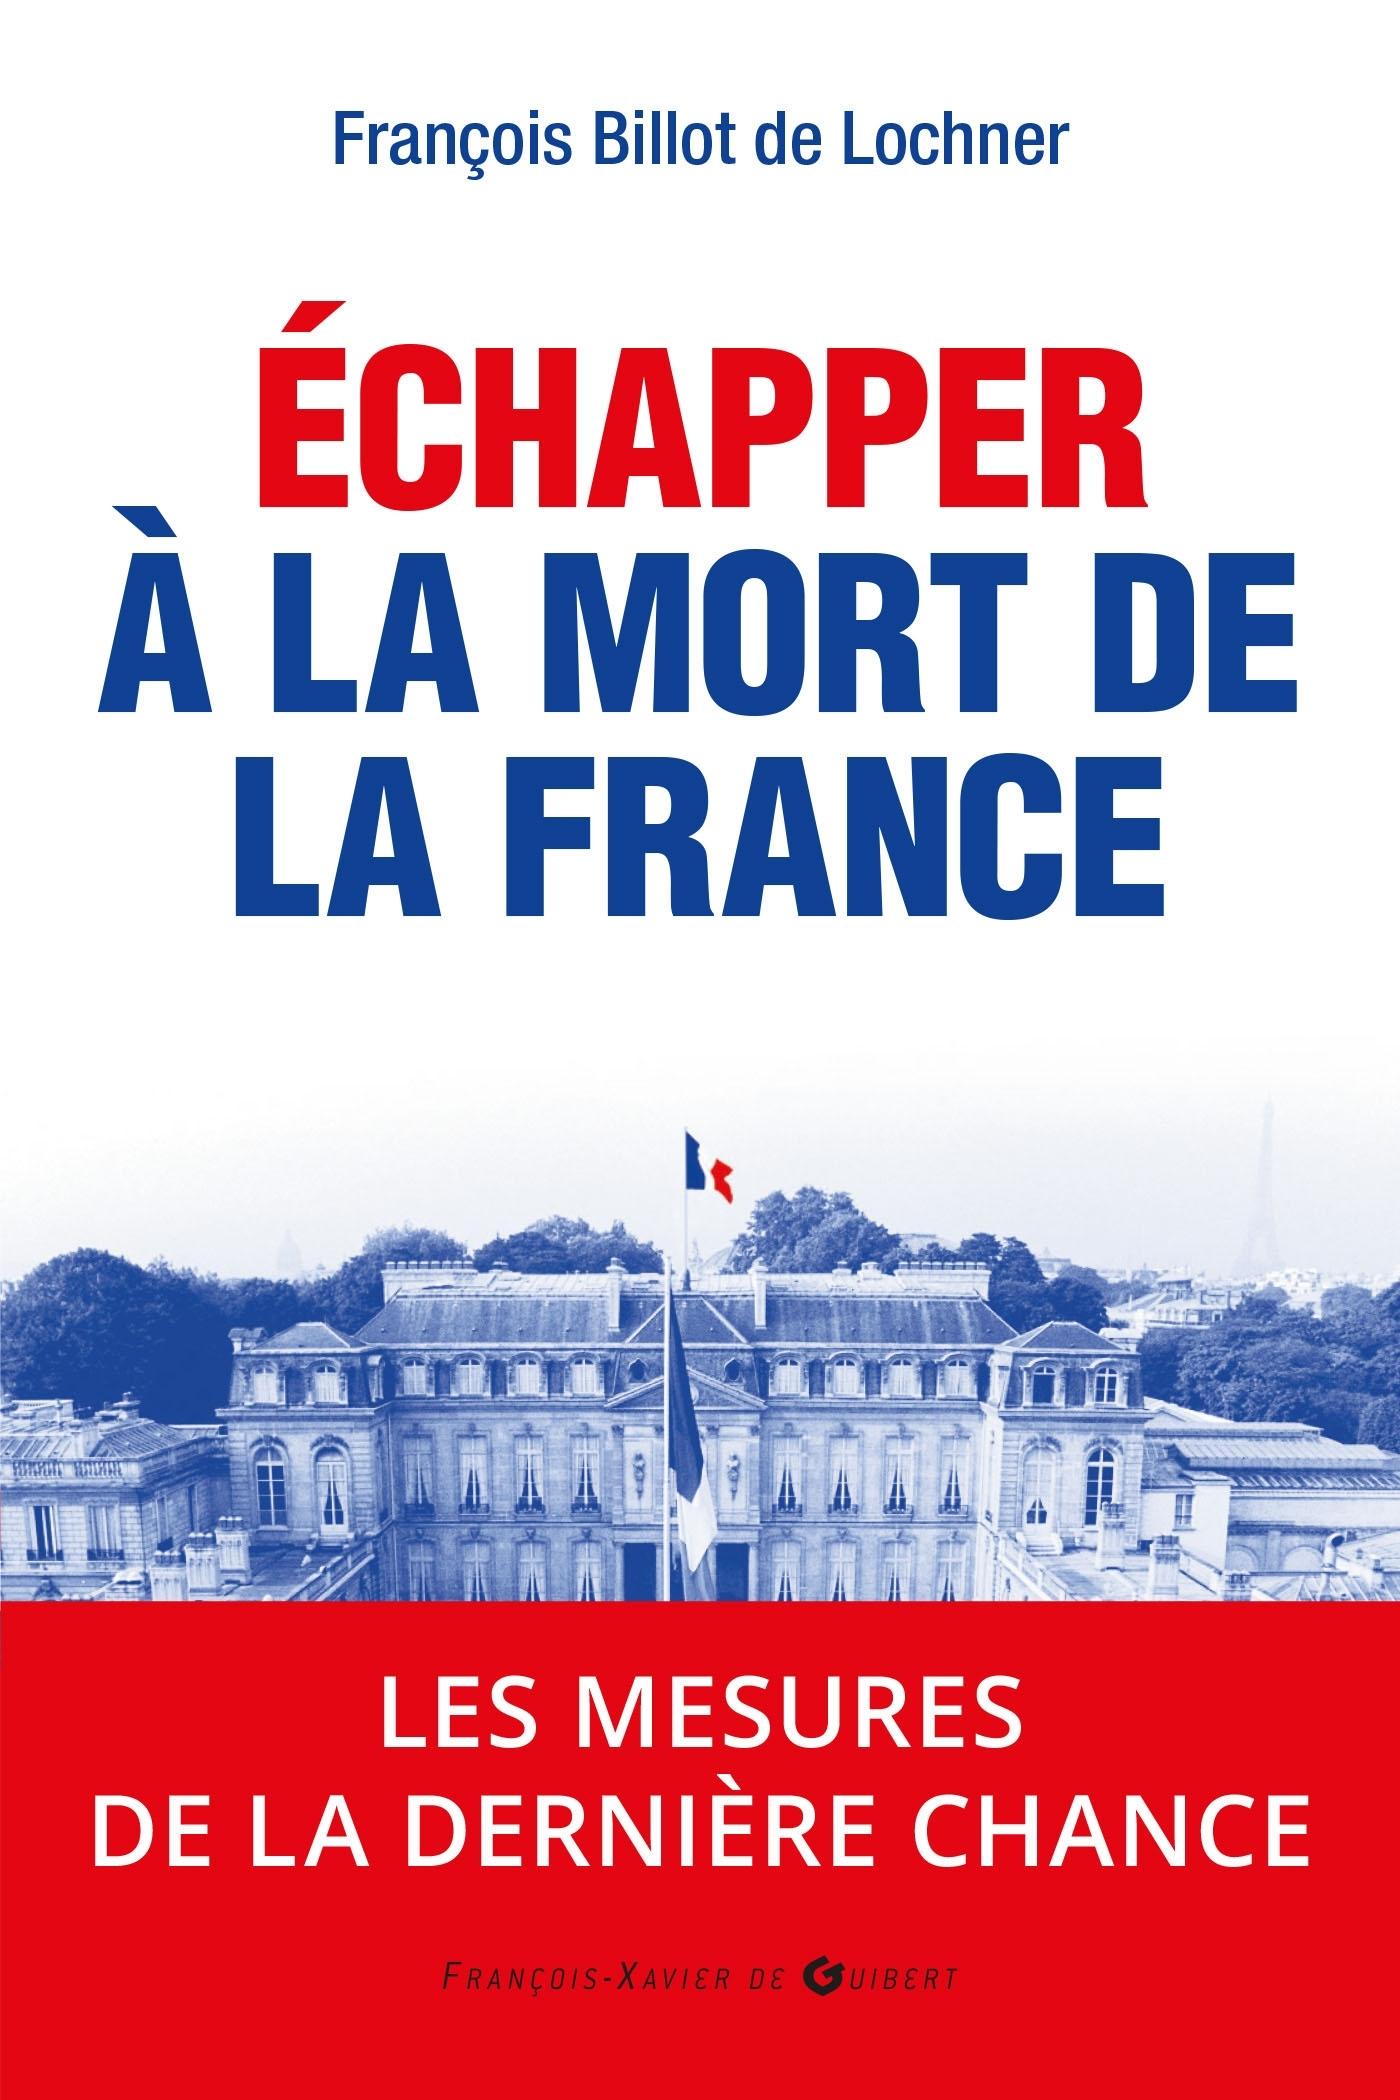 ECHAPPER A LA MORT DE LA FRANCE